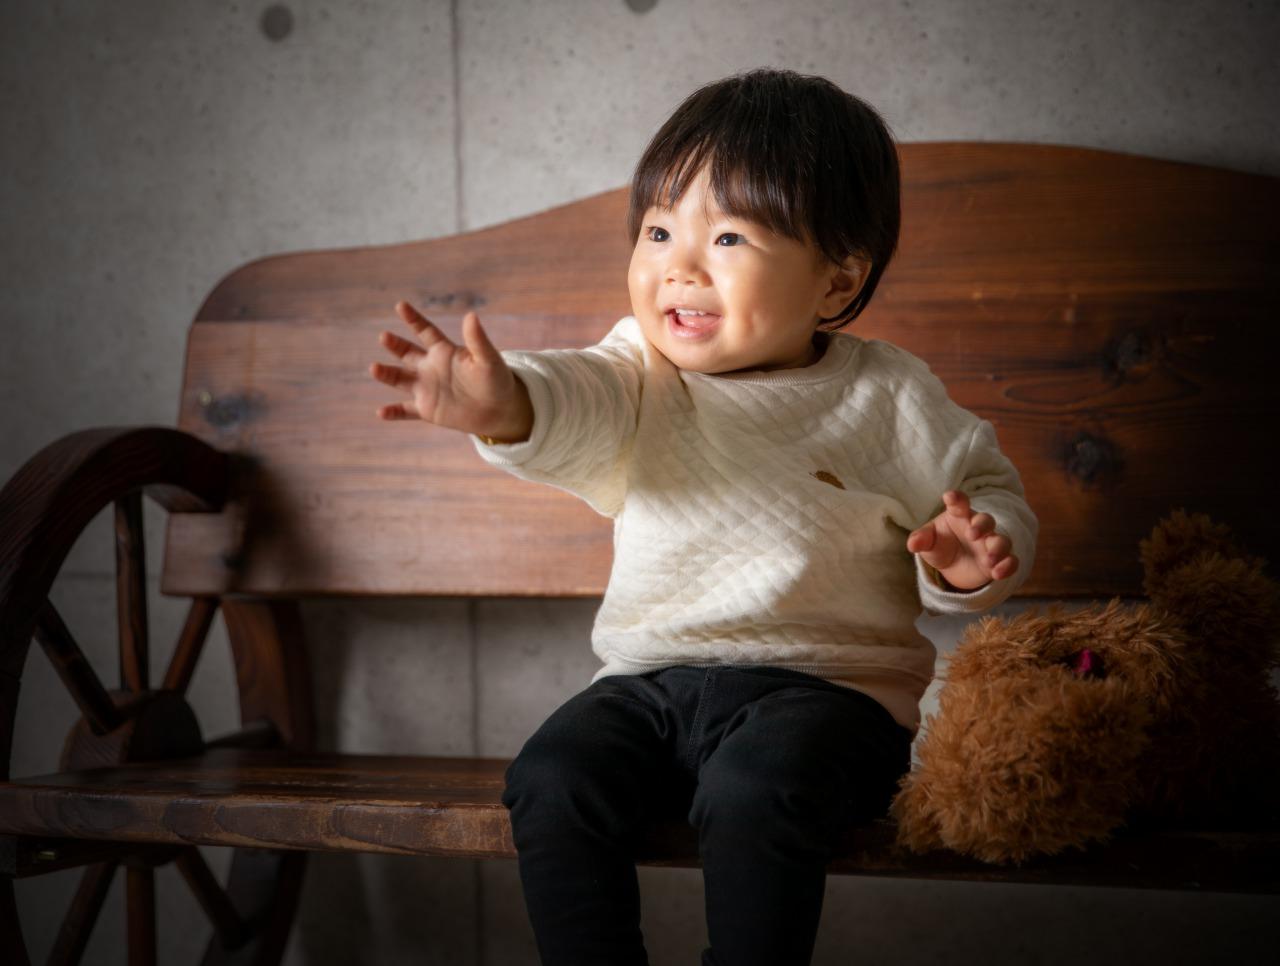 kids_baby_01